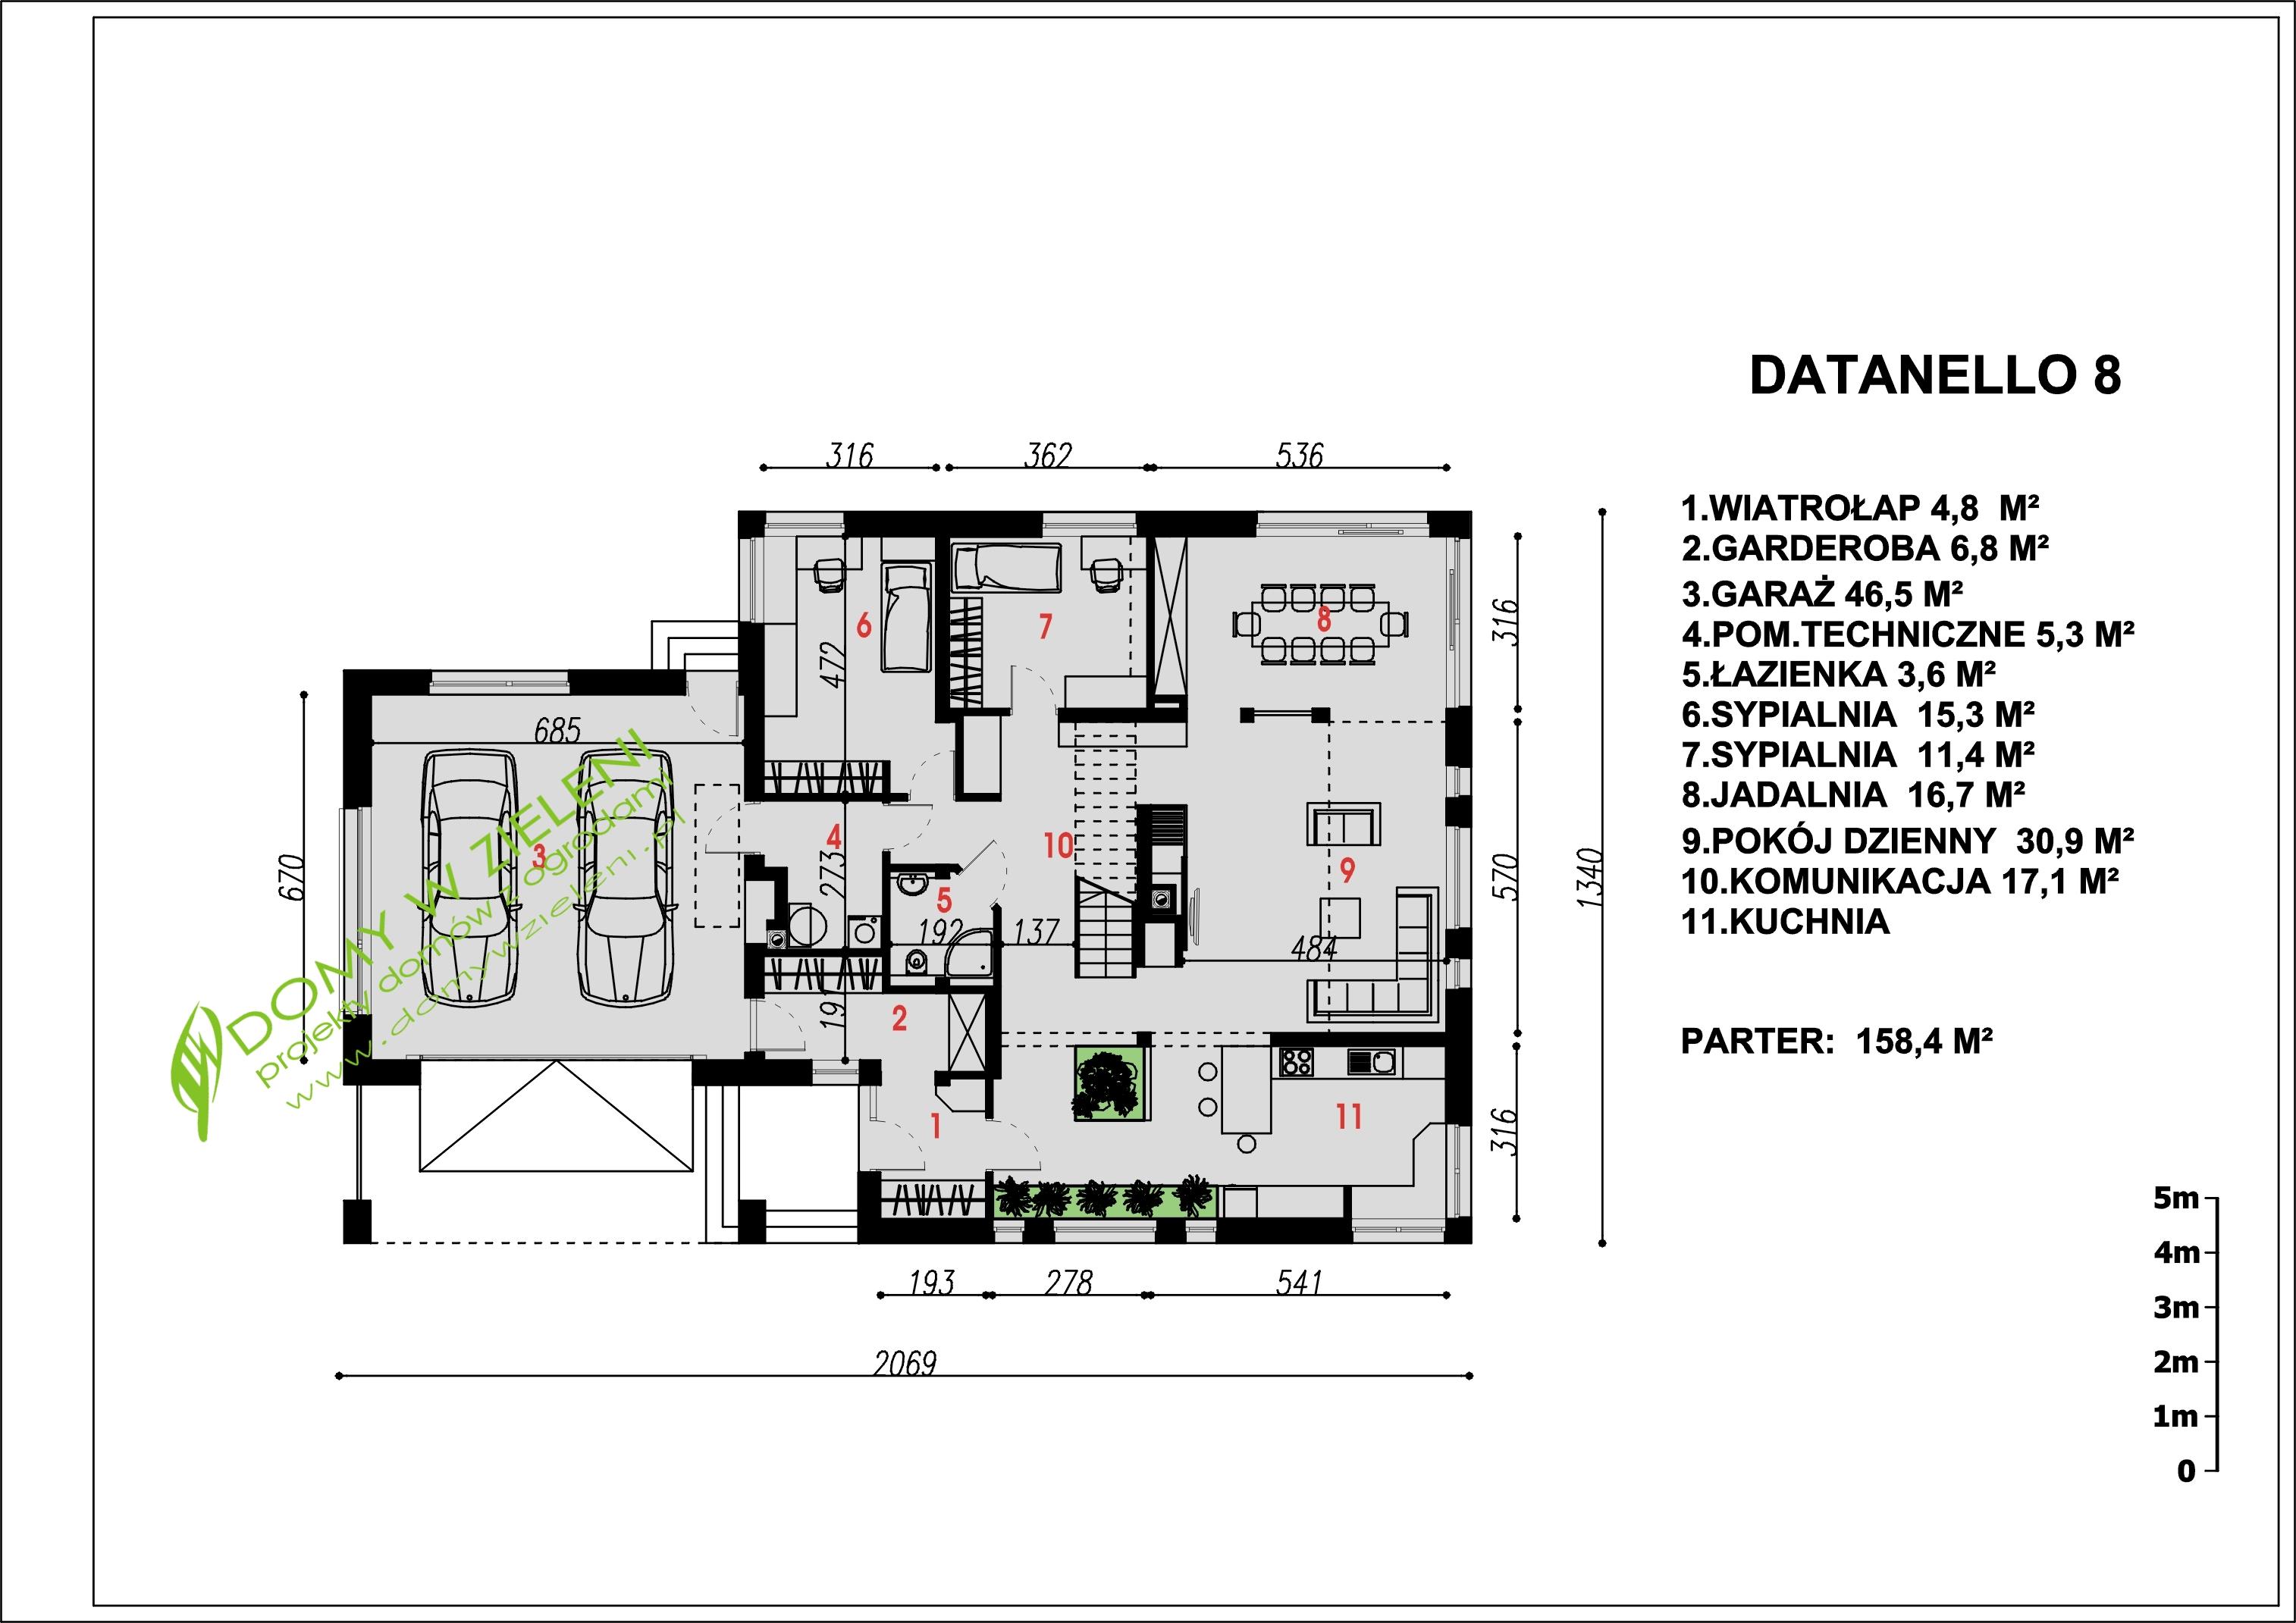 Datanello8-9-PARTER_-BL_1_.jpg